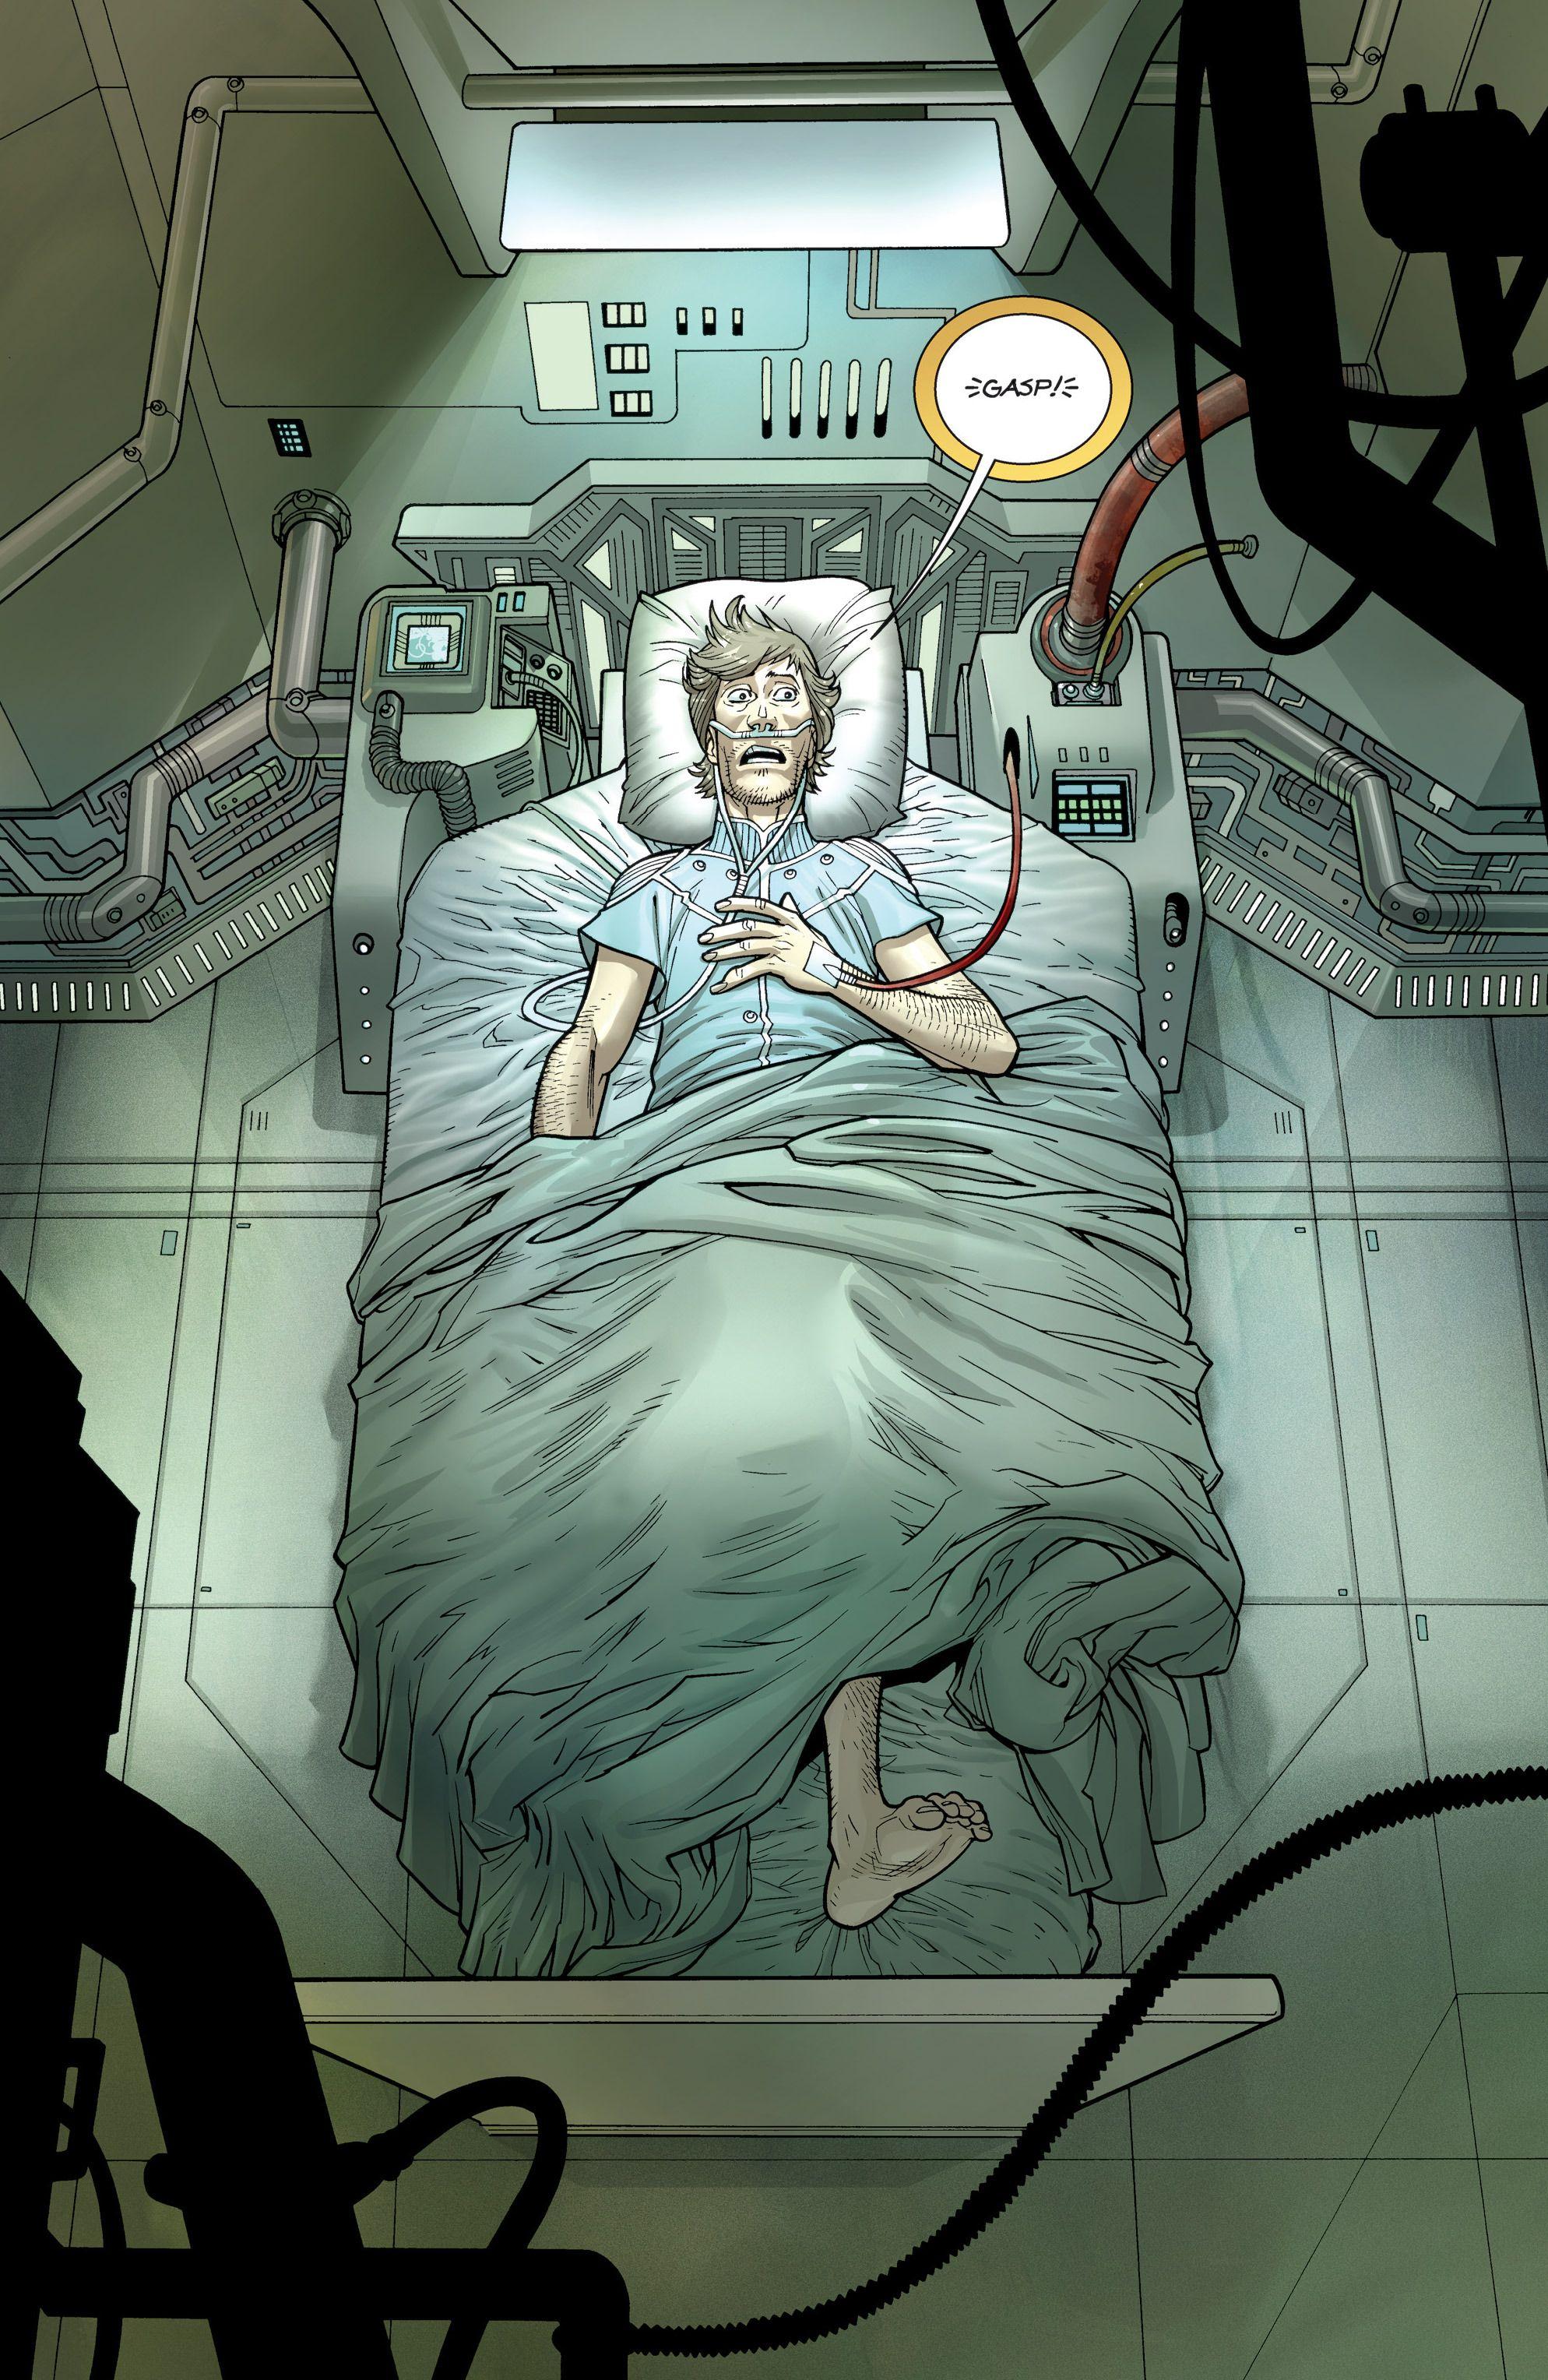 The Walking Dead Issue #75 - Read The Walking Dead Issue #75